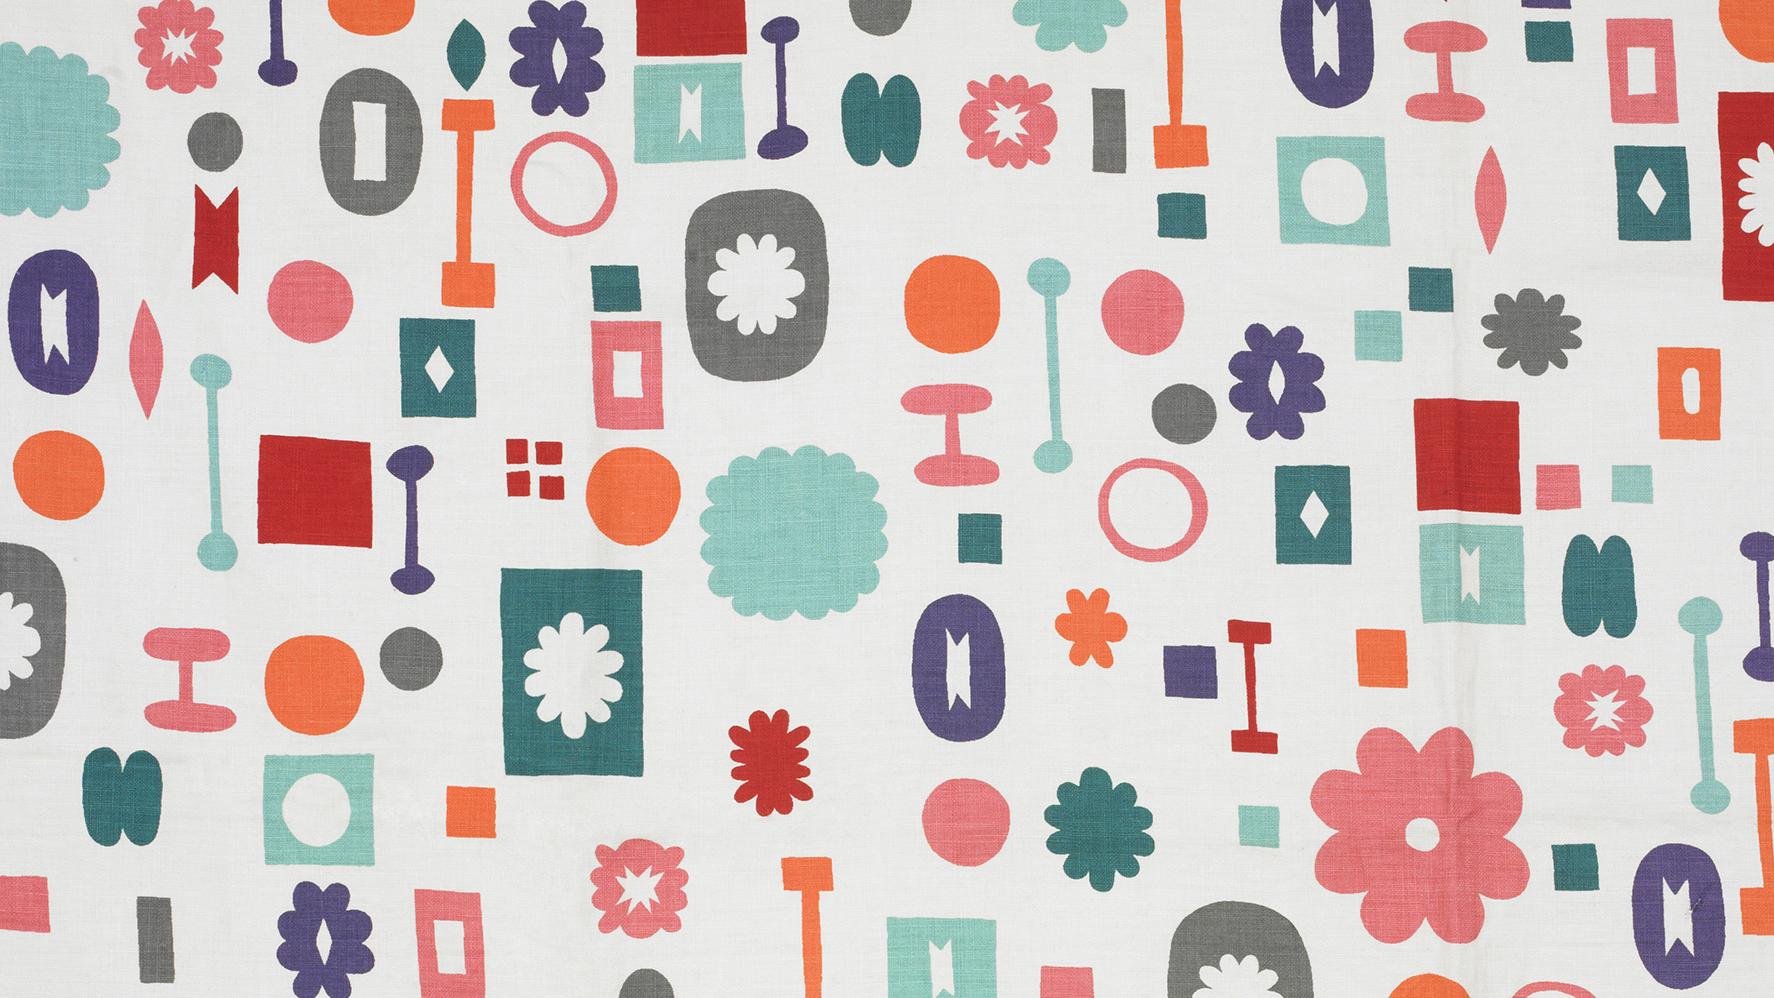 alexander-girard-textil-design-9